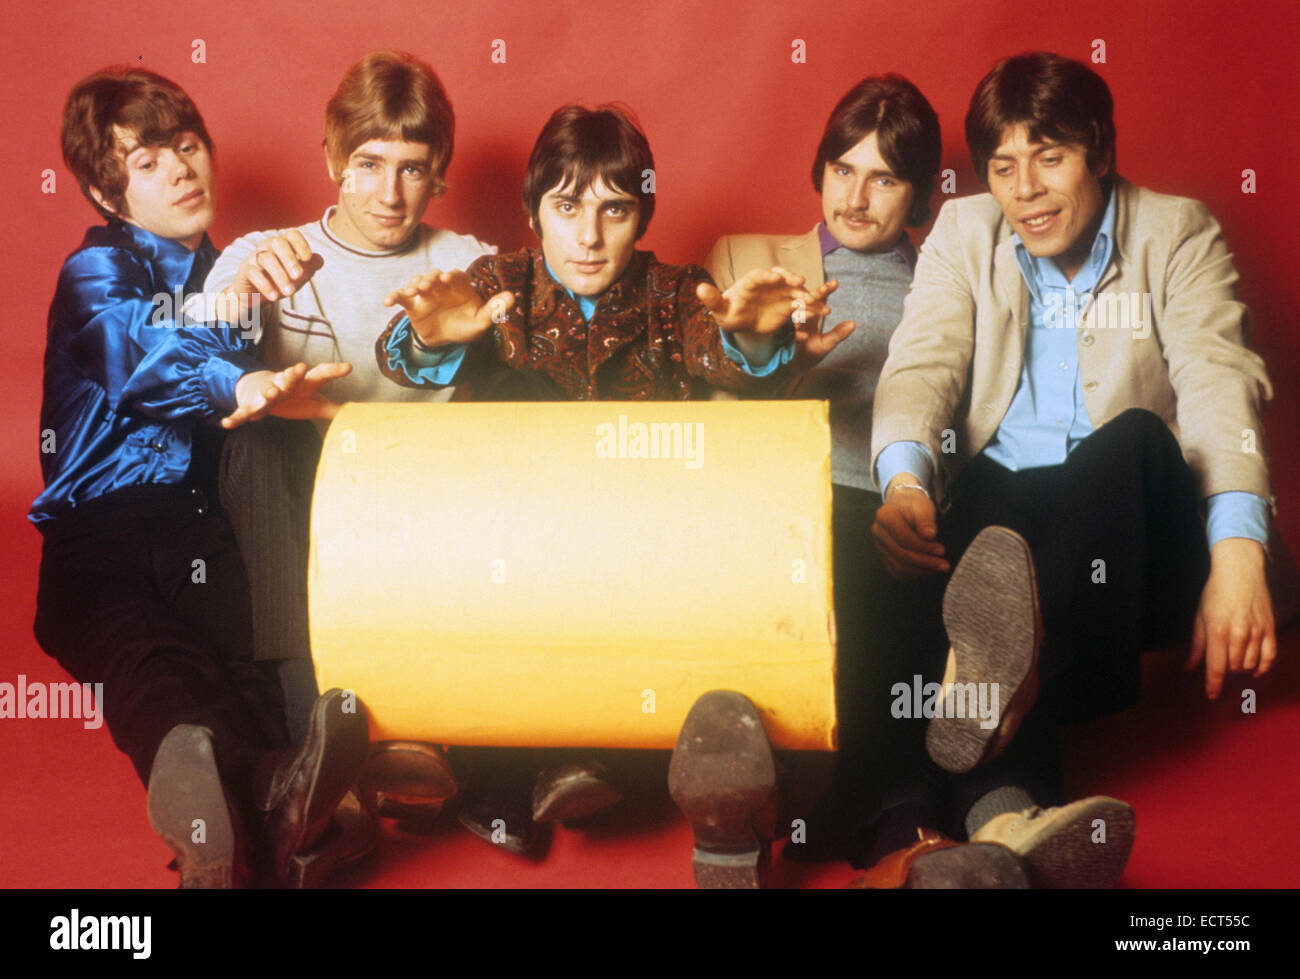 STATUS QUO groupe rock britannique en février 1968. De gauche à droite: Alan Lancaster, Rick Parfitt, John Coughlan, Francis Rossi, Roy Lynes Banque D'Images